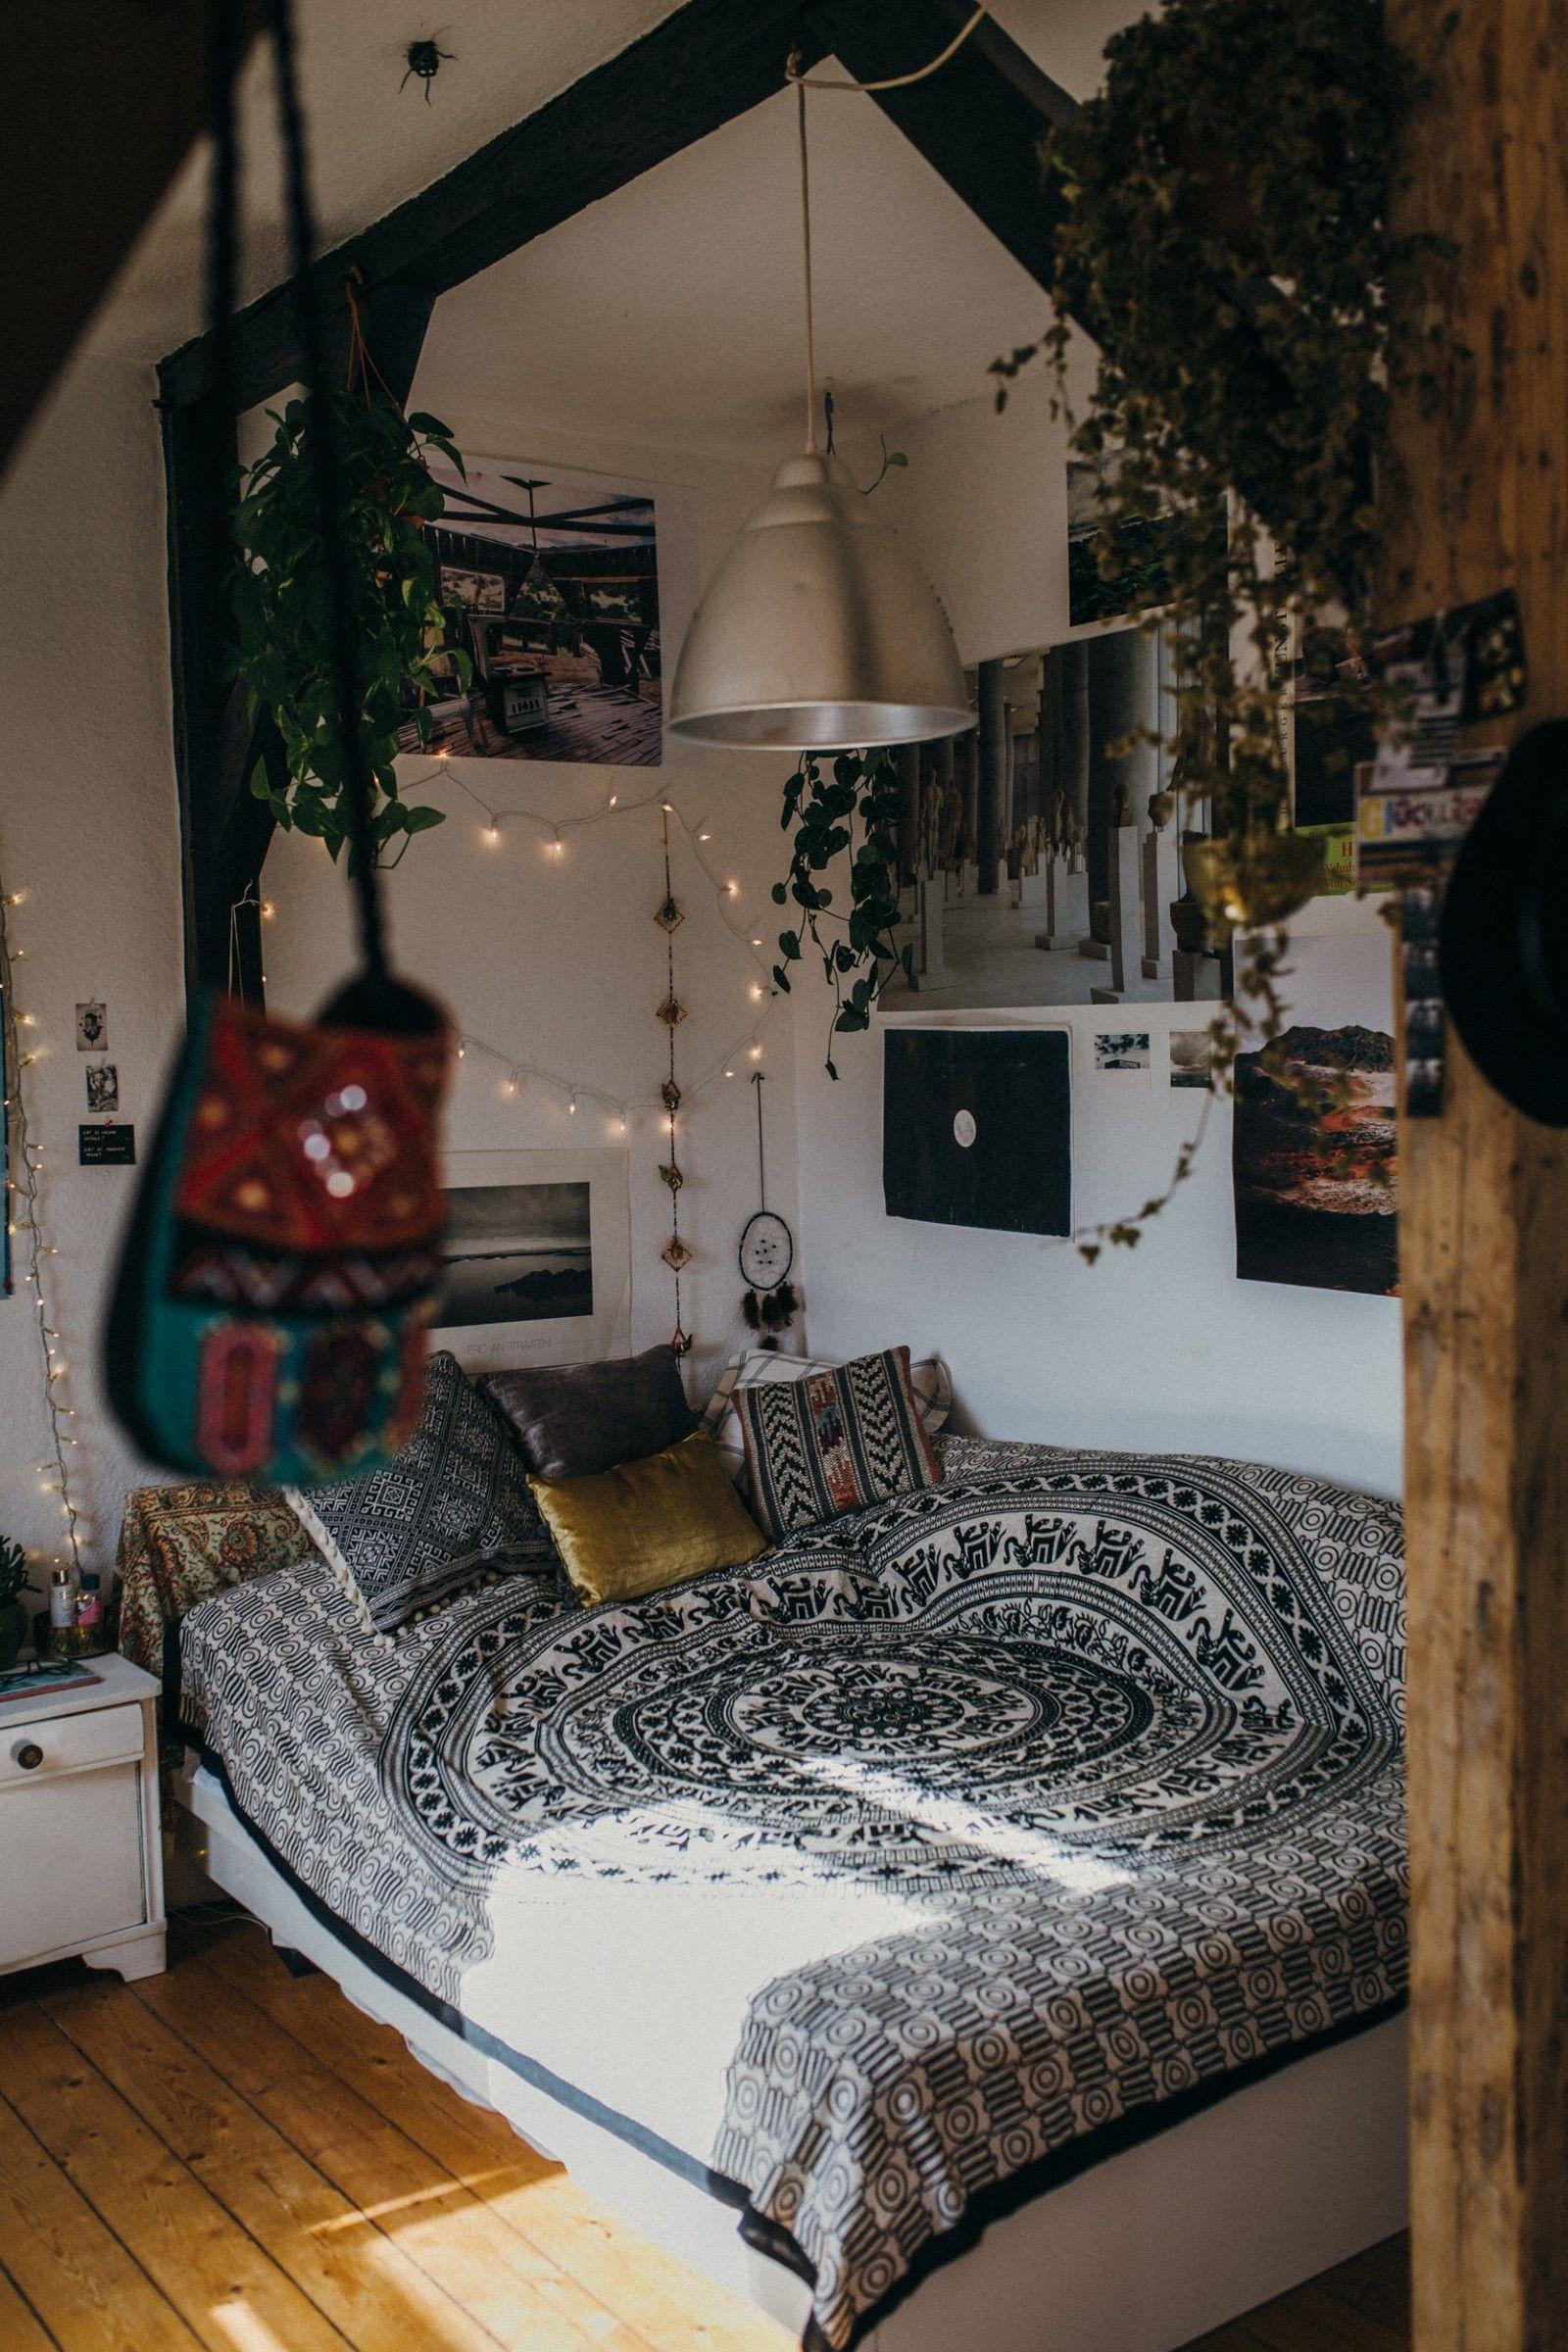 Boho Hippie Dekor Boho Inspiriert Zimmer Dekor Im Boheme Stil Bett